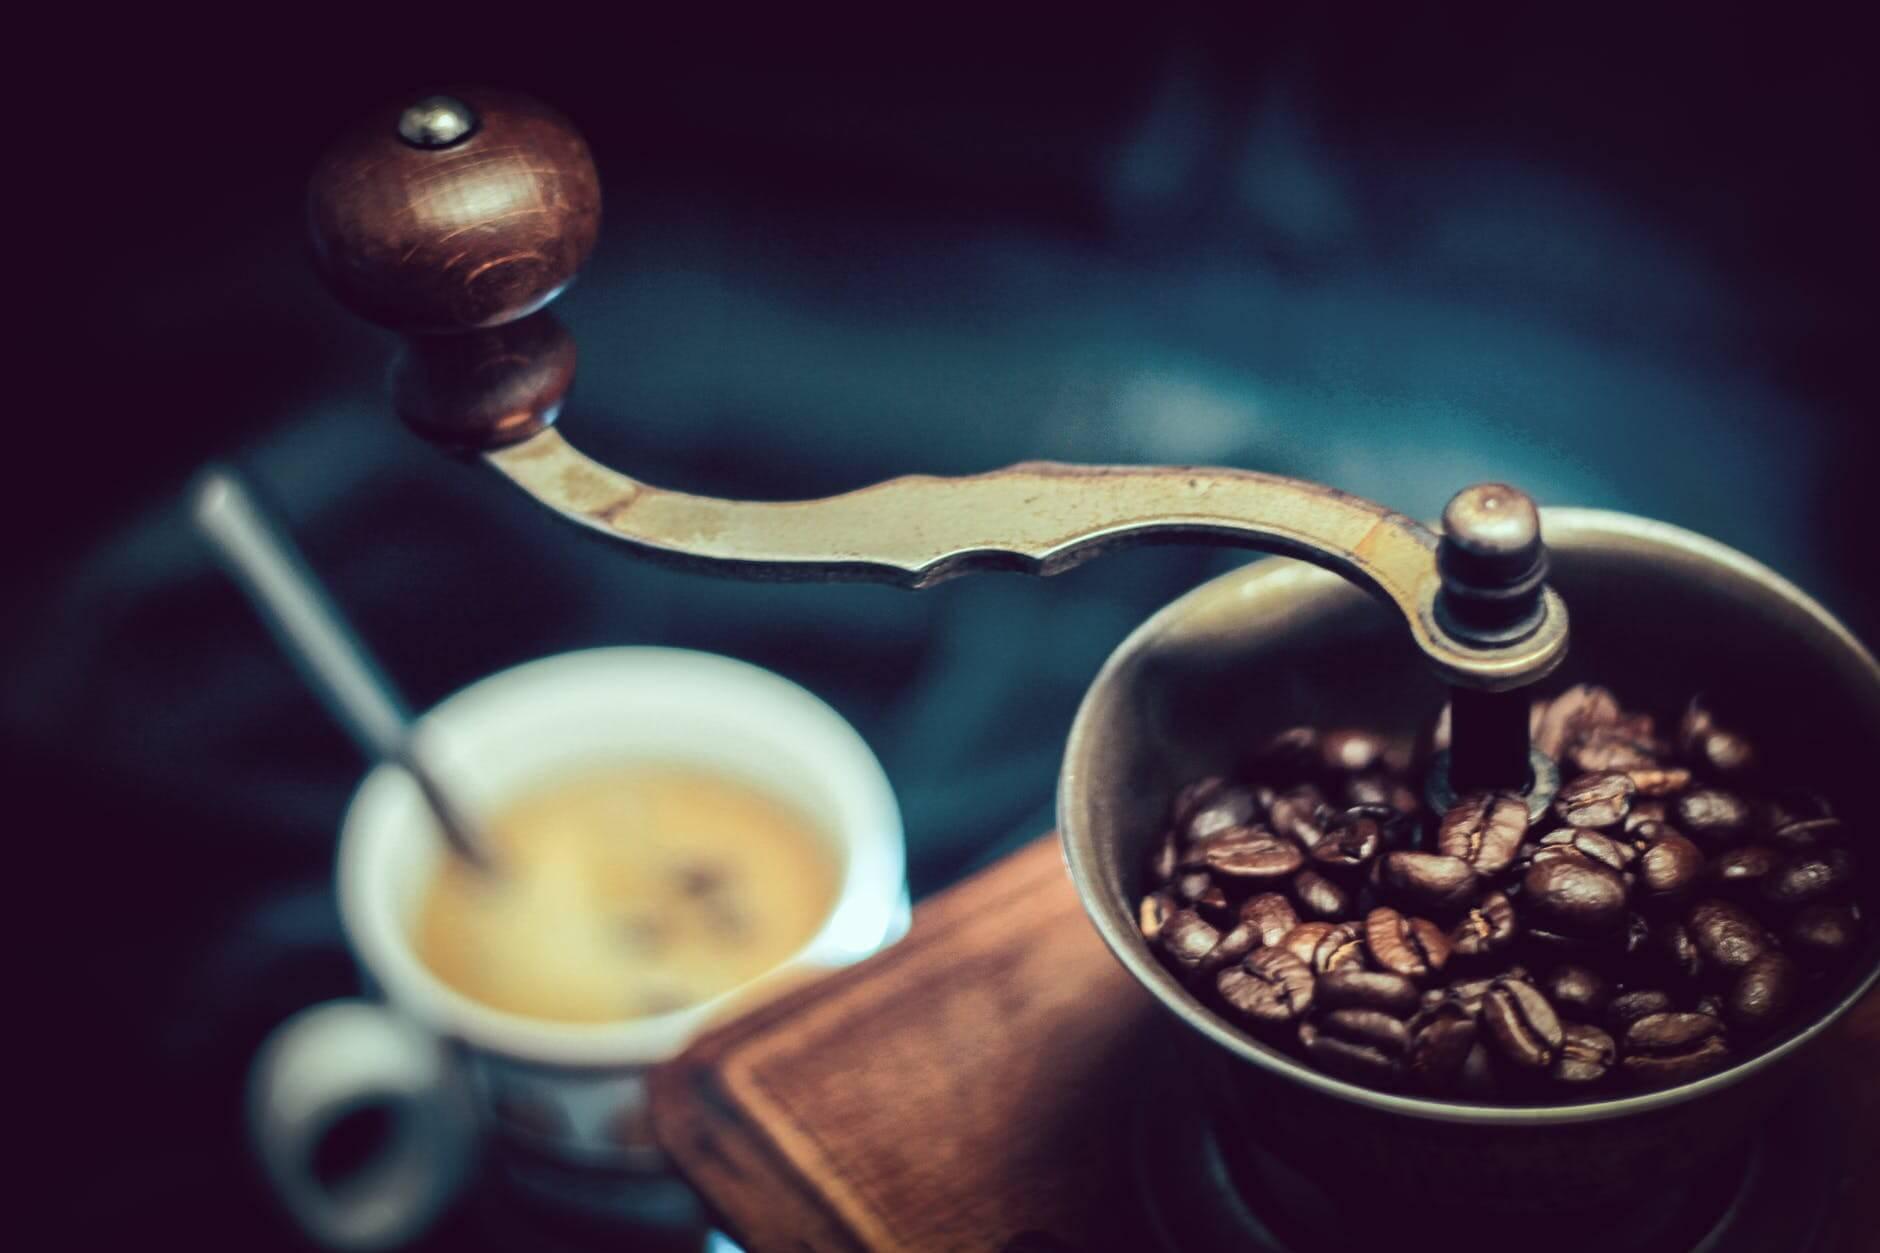 Kahve Öğütücü, Coffee Grinder